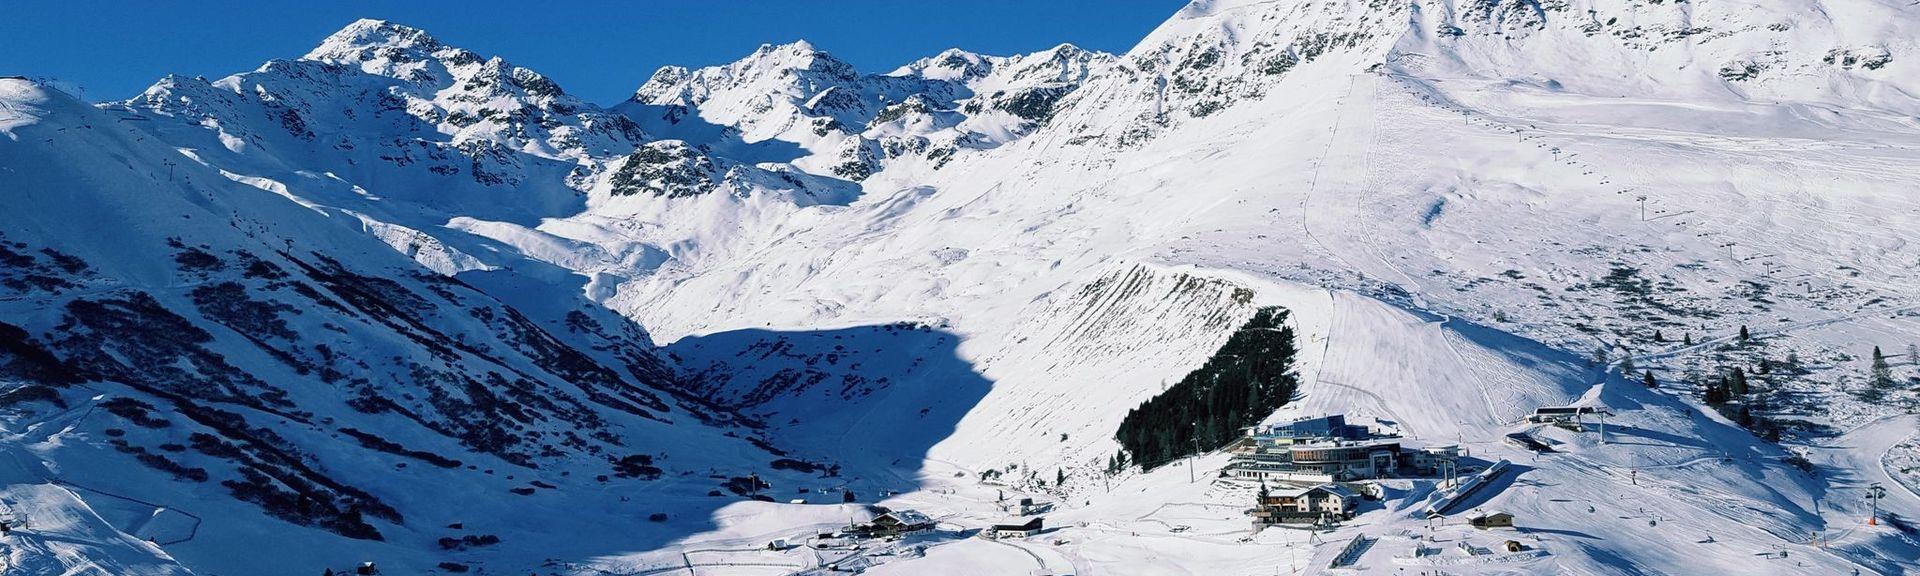 St. Christophin hiihtohissi , Sankt Anton, Tiroli, Itävalta